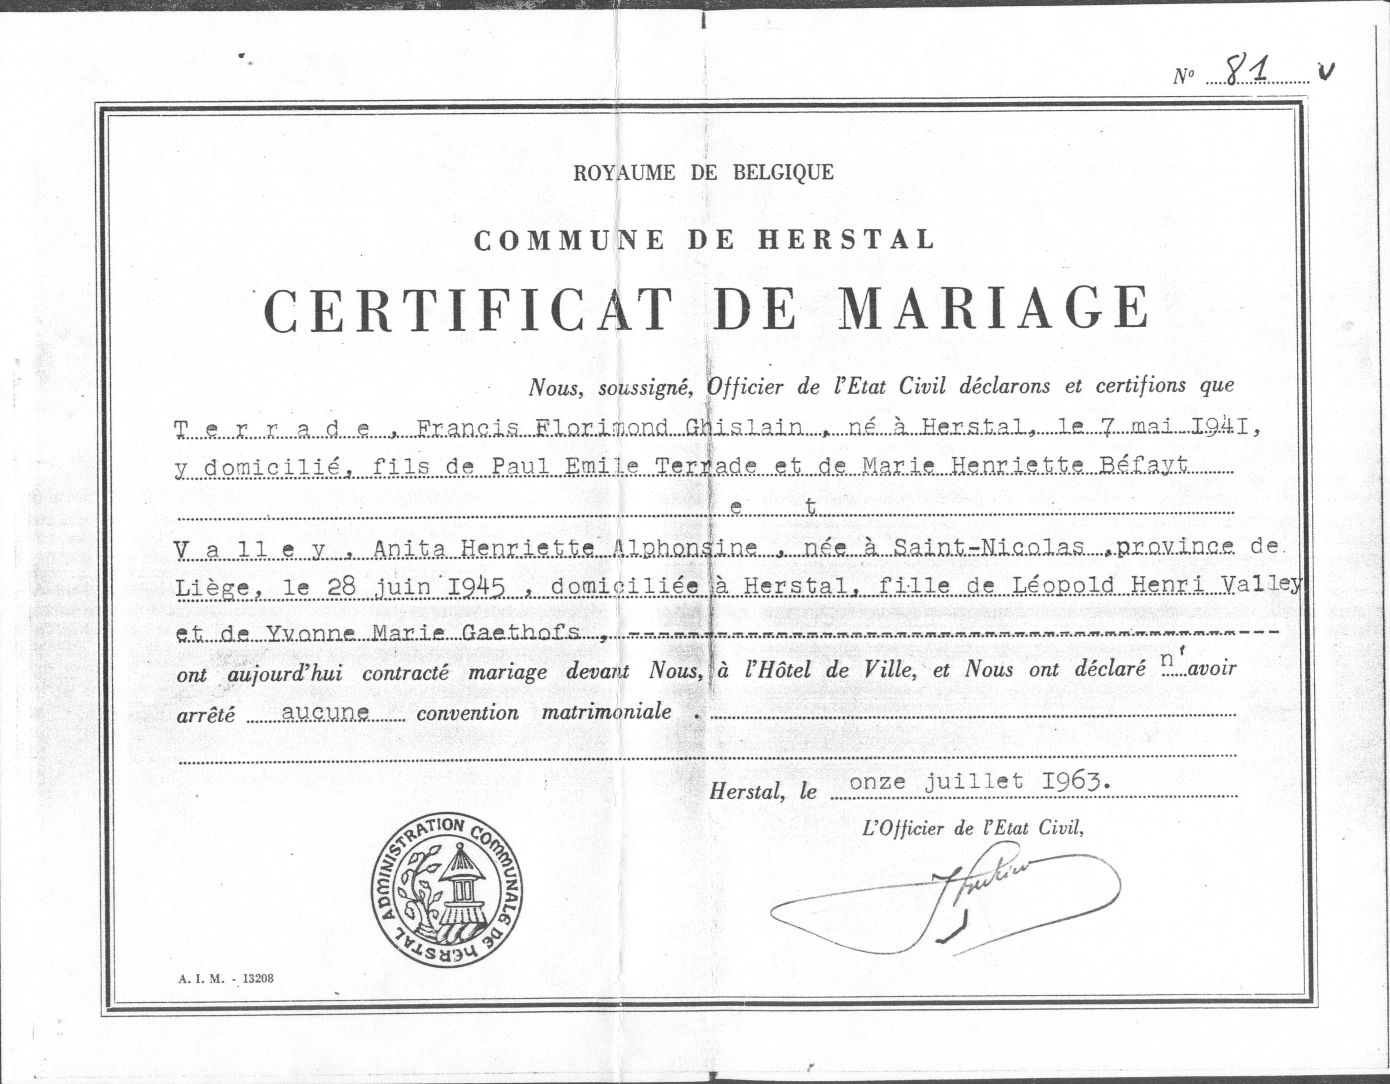 Liste des sources - Acte de propriete belgique ...